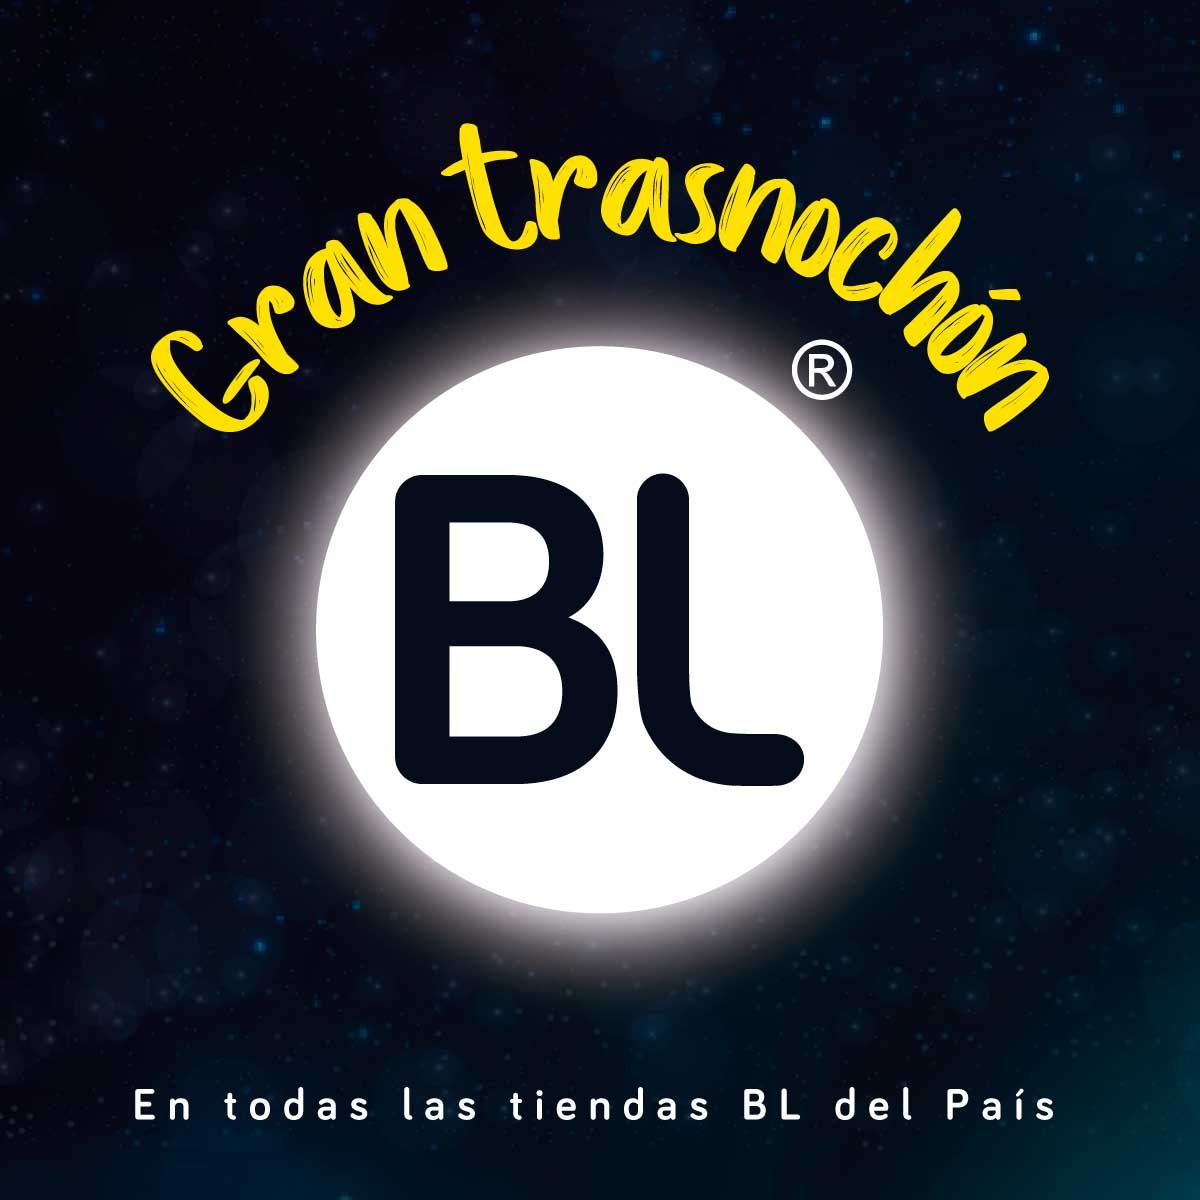 Trasnochón BL